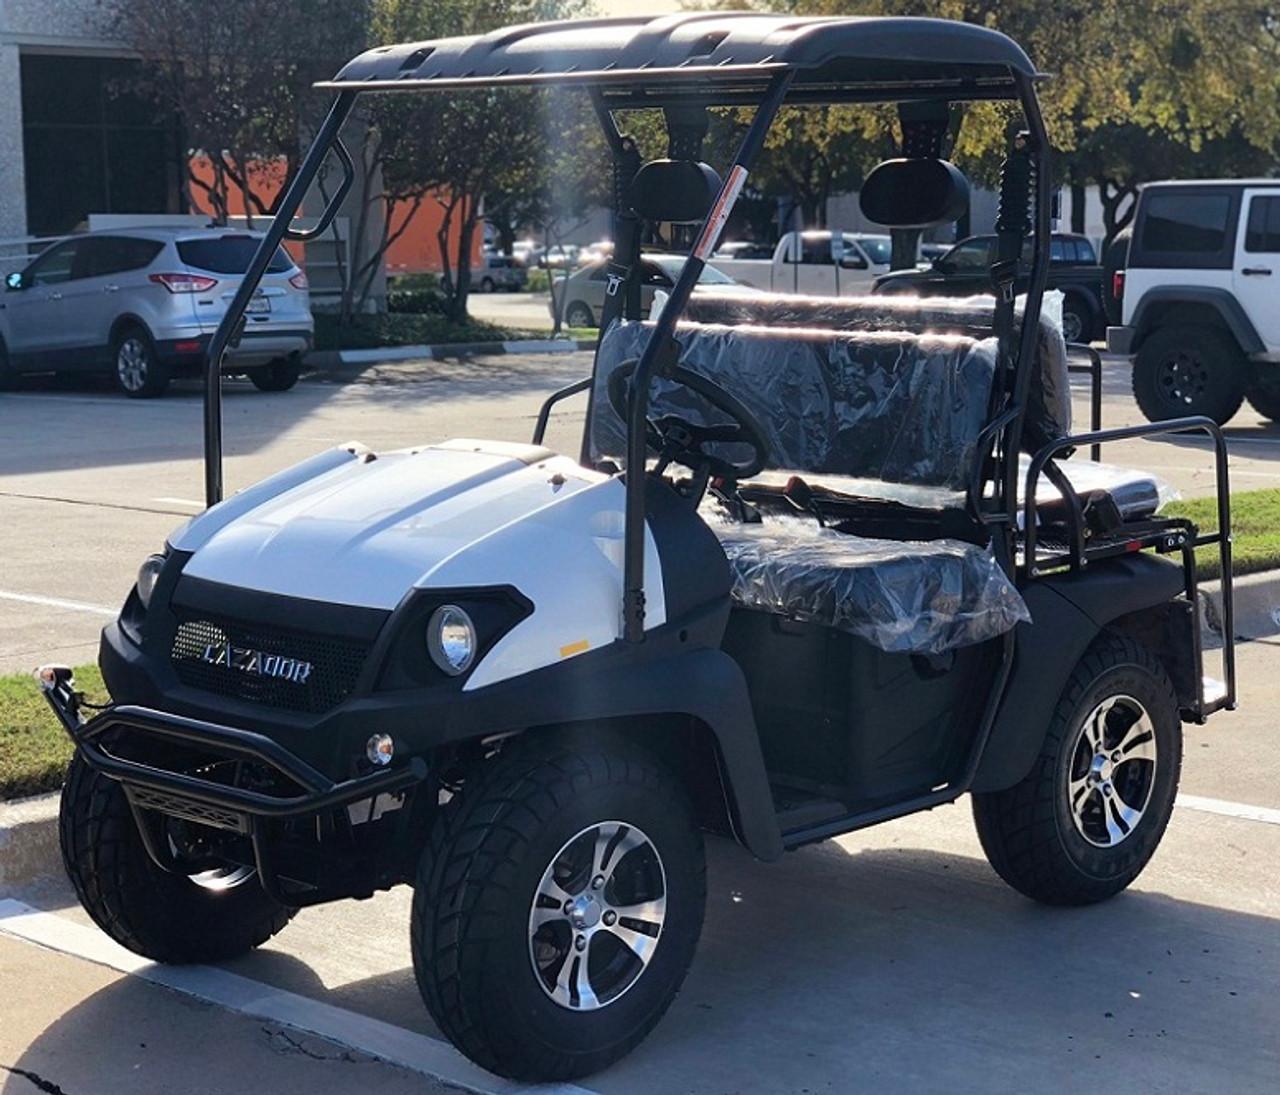 White - Fully Loaded Cazador OUTFITTER 200 EFI Golf Cart 4 Seater UTV